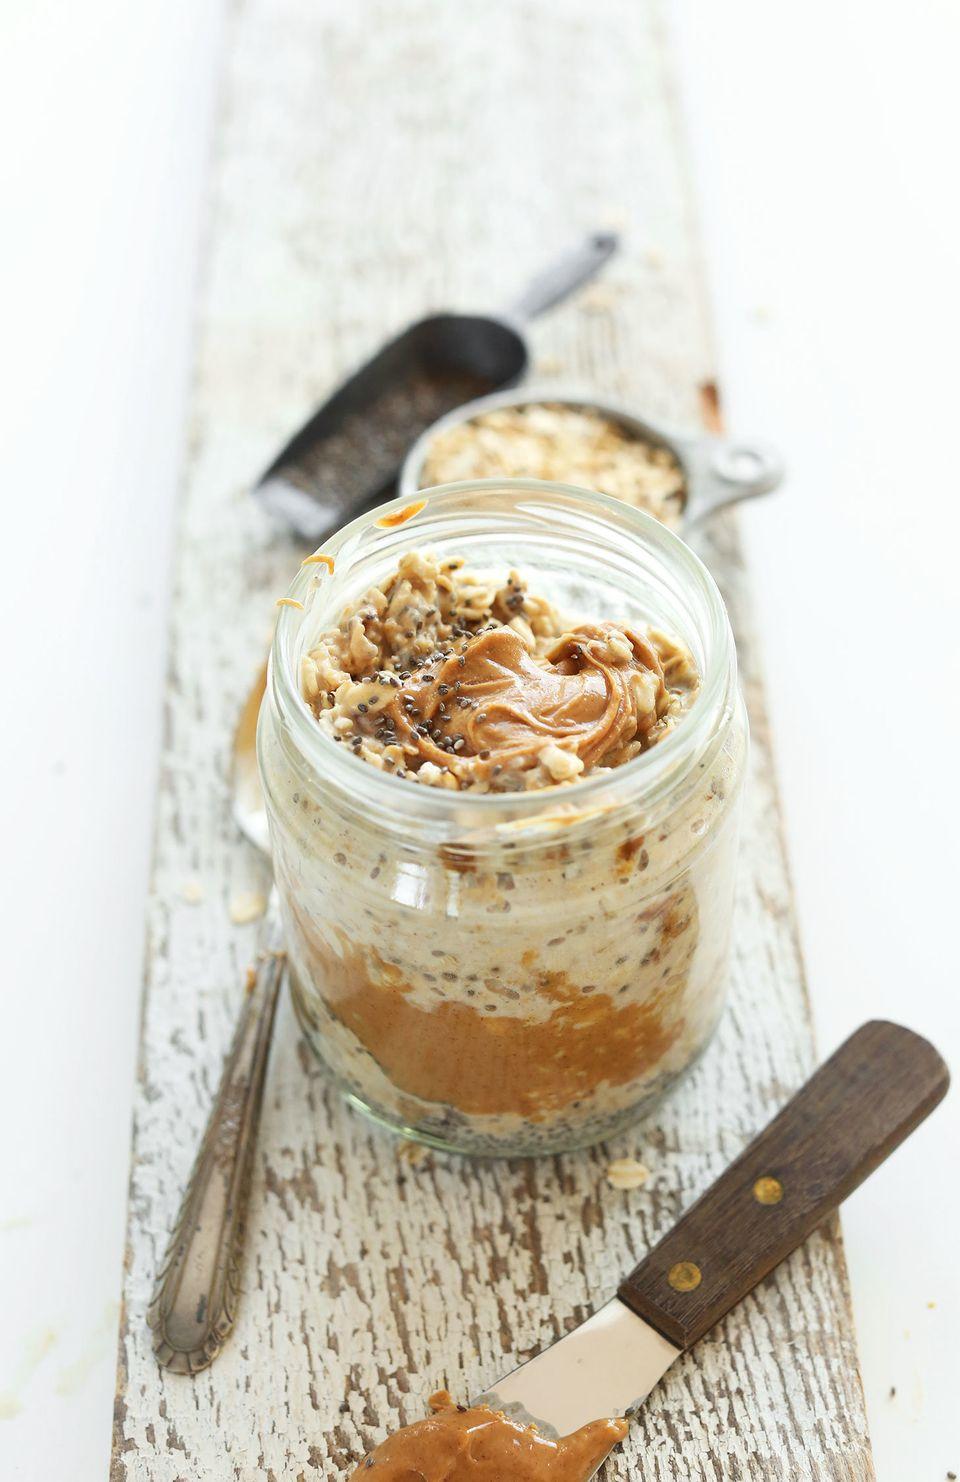 """<strong>Get the <a href=""""https://minimalistbaker.com/peanut-butter-overnight-oats/"""" target=""""_blank"""">Peanut Butter Overnight O"""